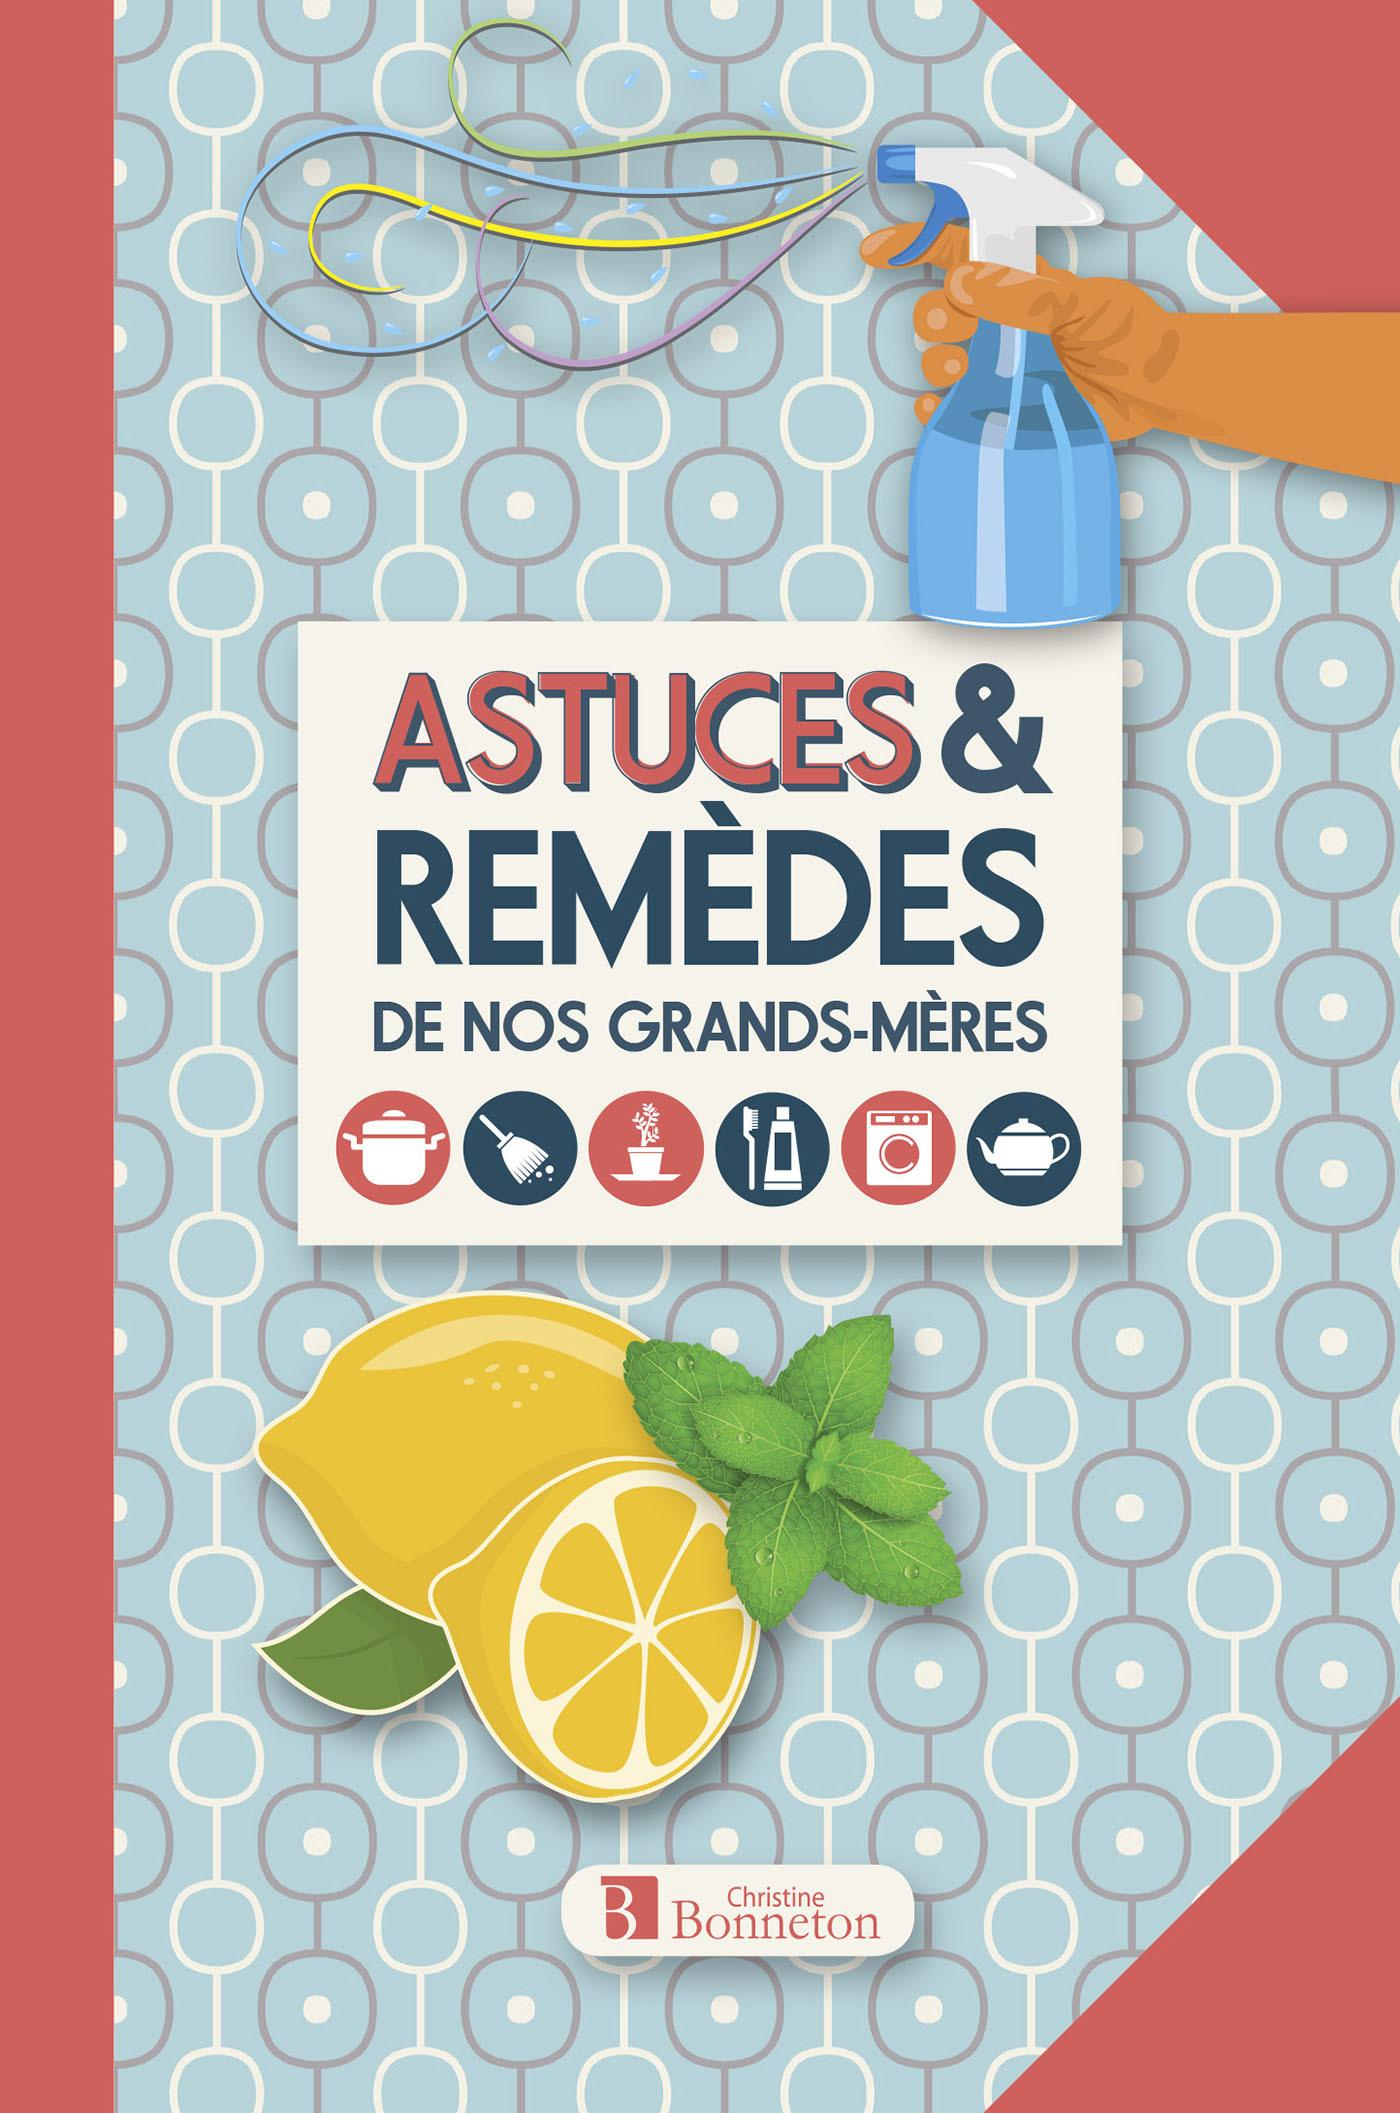 ASTUCES & REMEDES DE NOS GRANDS-MERES